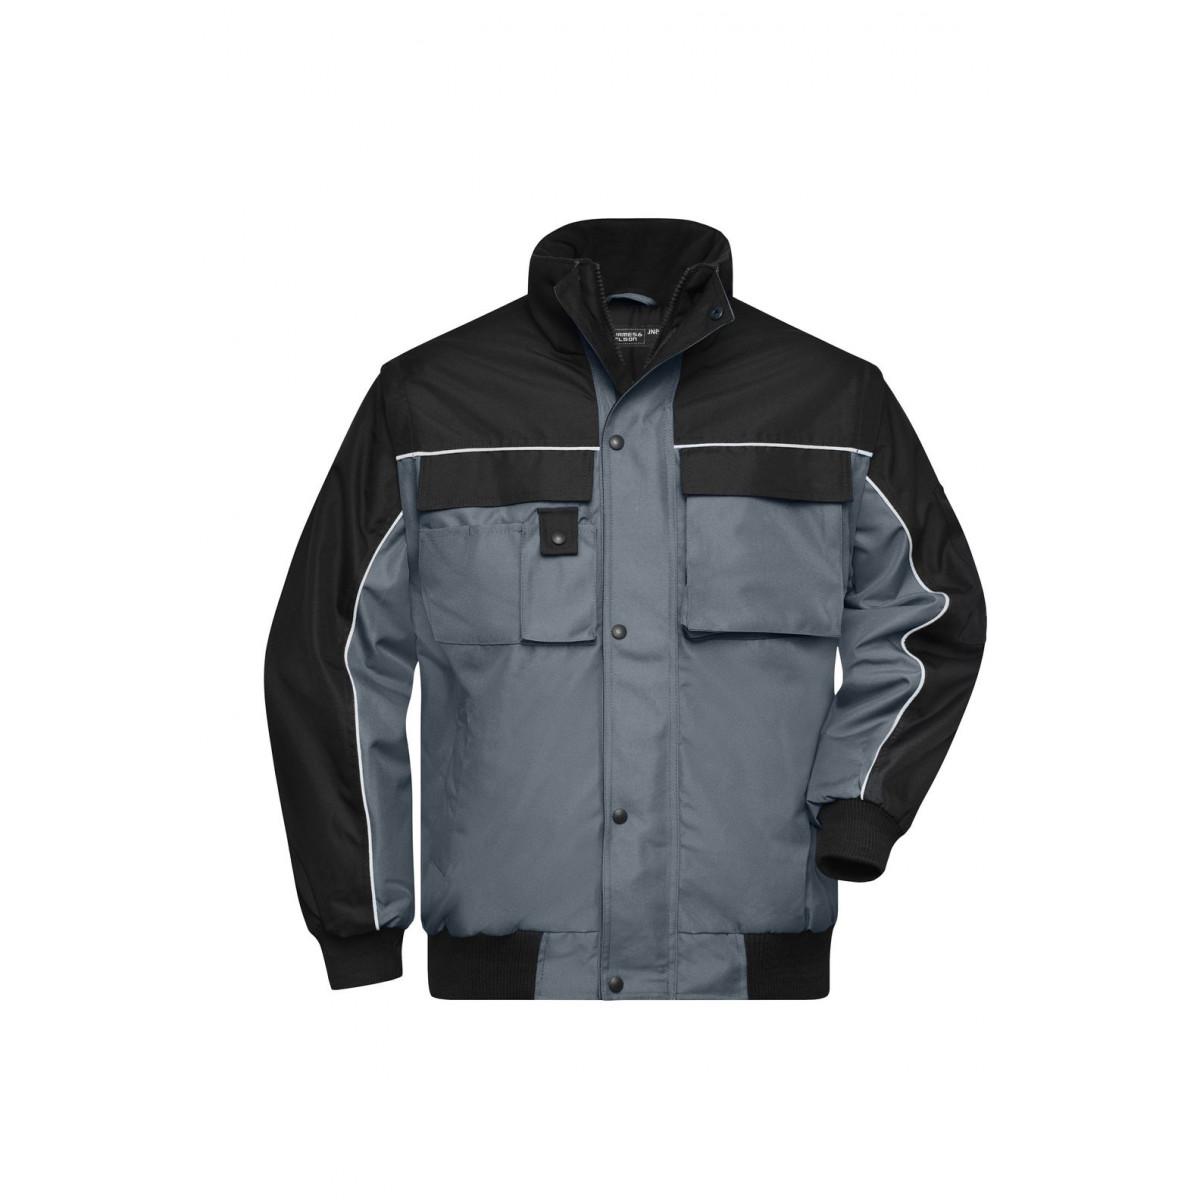 Куртка мужская JN810 Workwear Jacket - Карбон/Черный